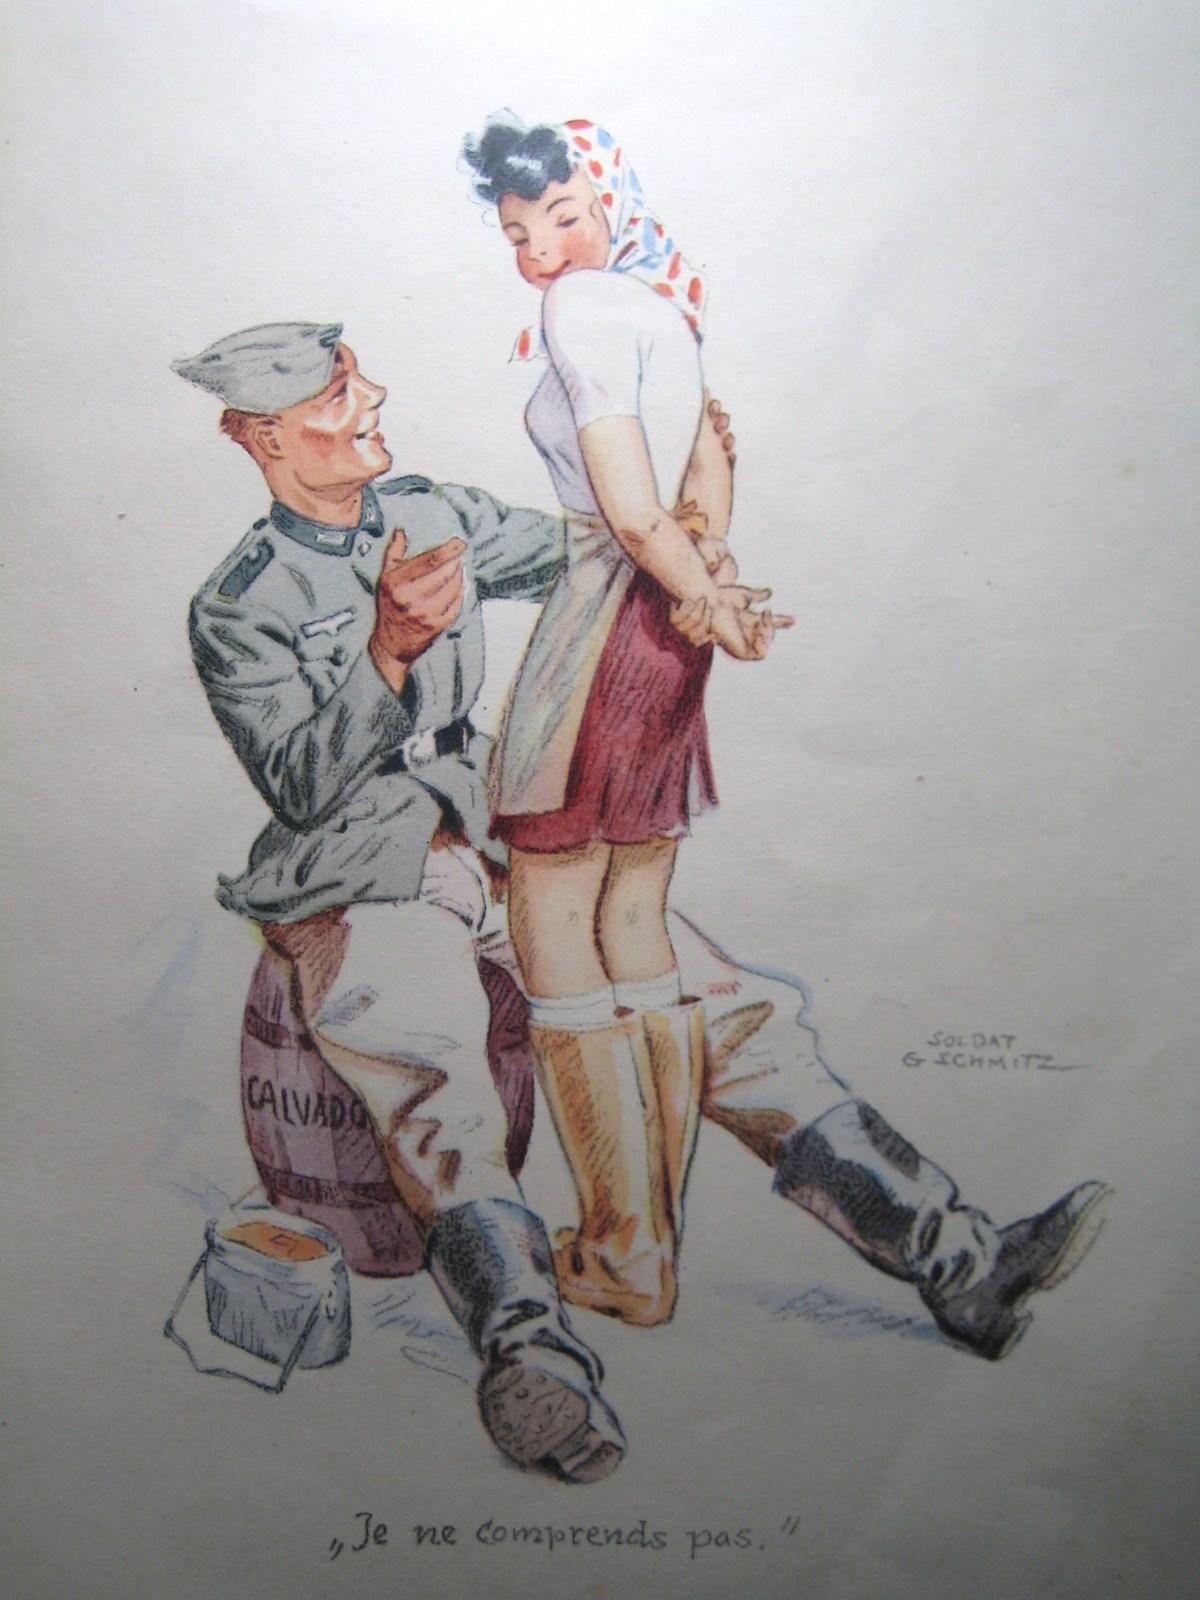 dobrodetelnaya-shlyuha-zhan-pol-sartr